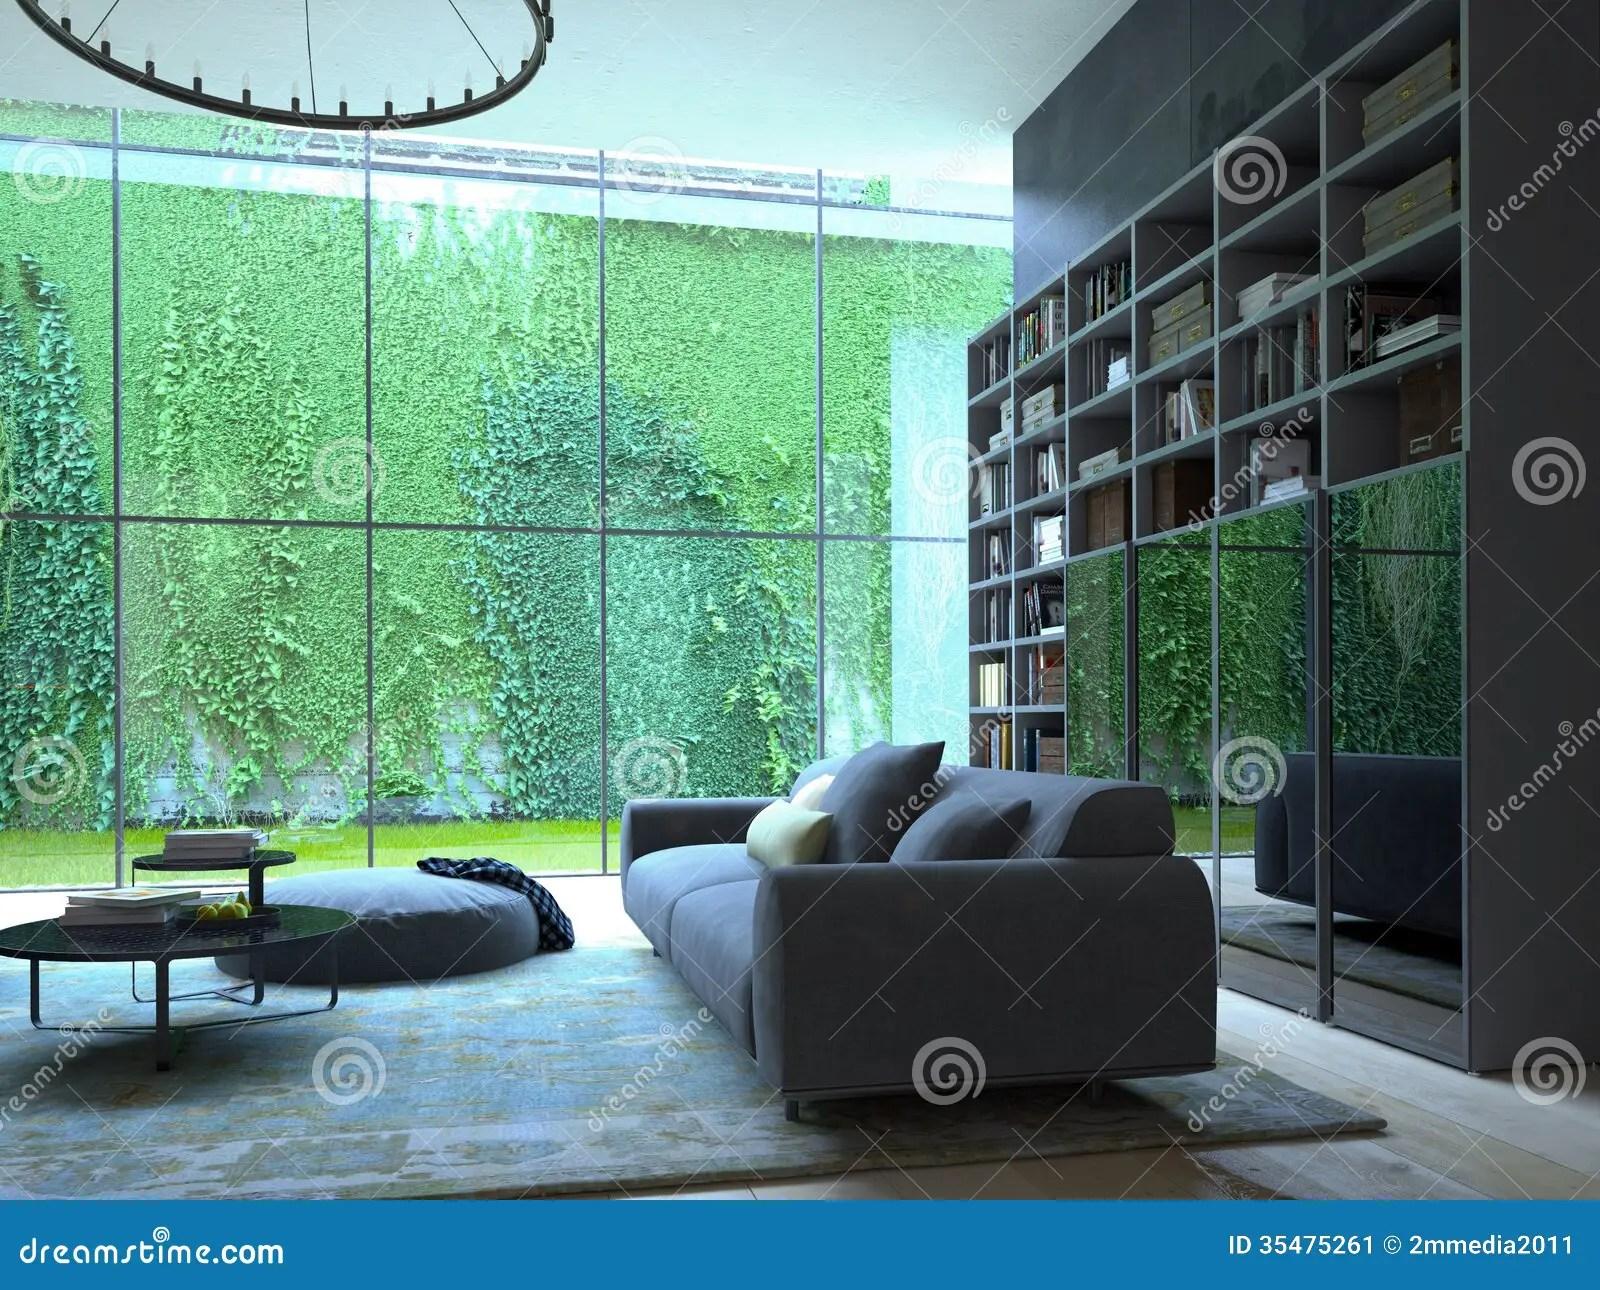 Living Room Stock Illustration. Illustration Of Light